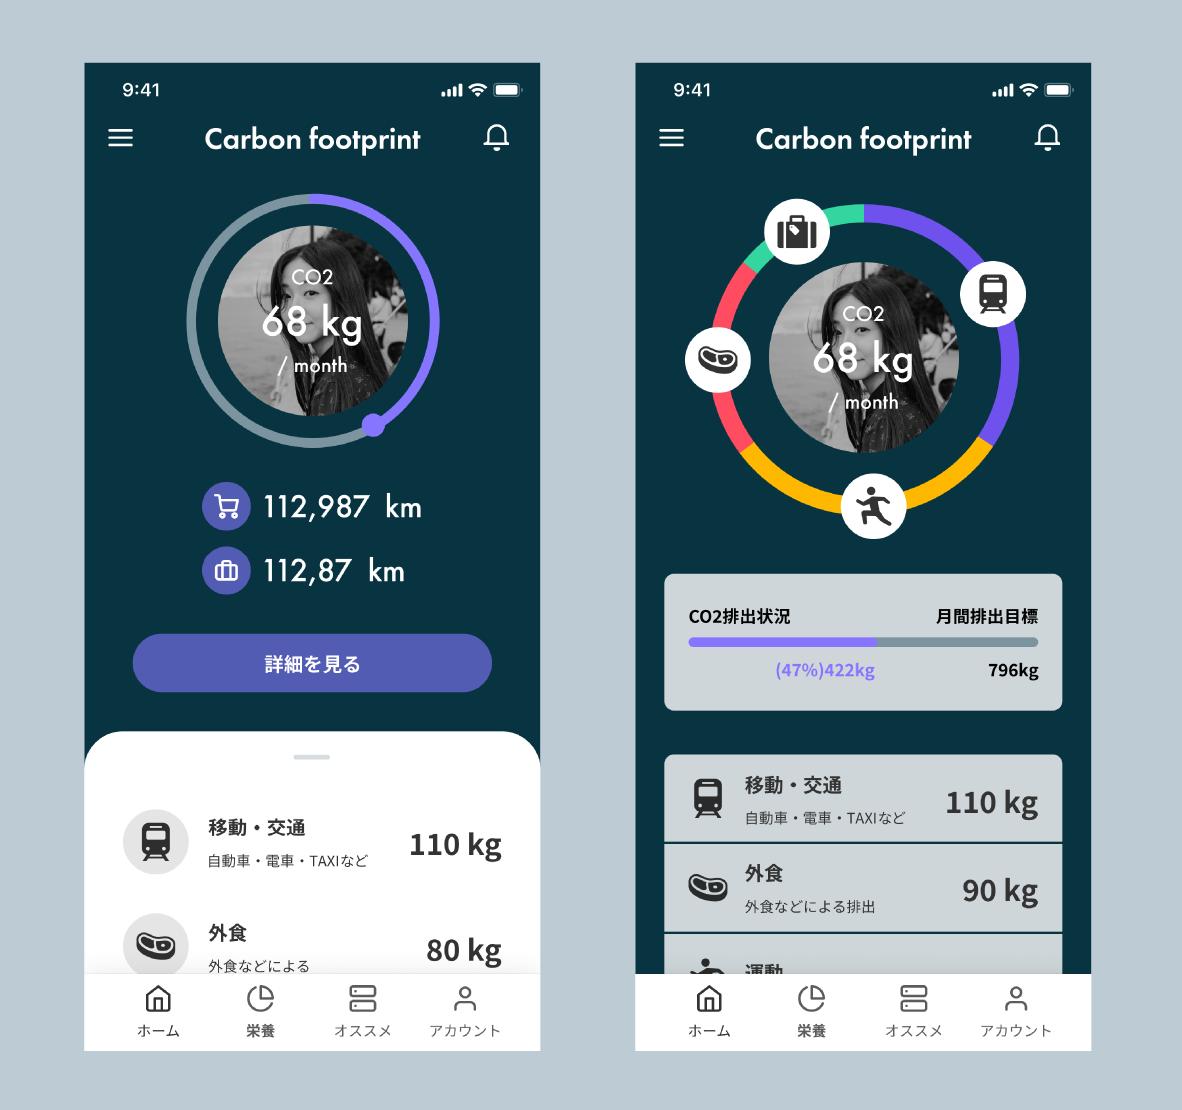 購買のCO2排出量を可視化し、ユーザーに情報提供する際のイメージ画面